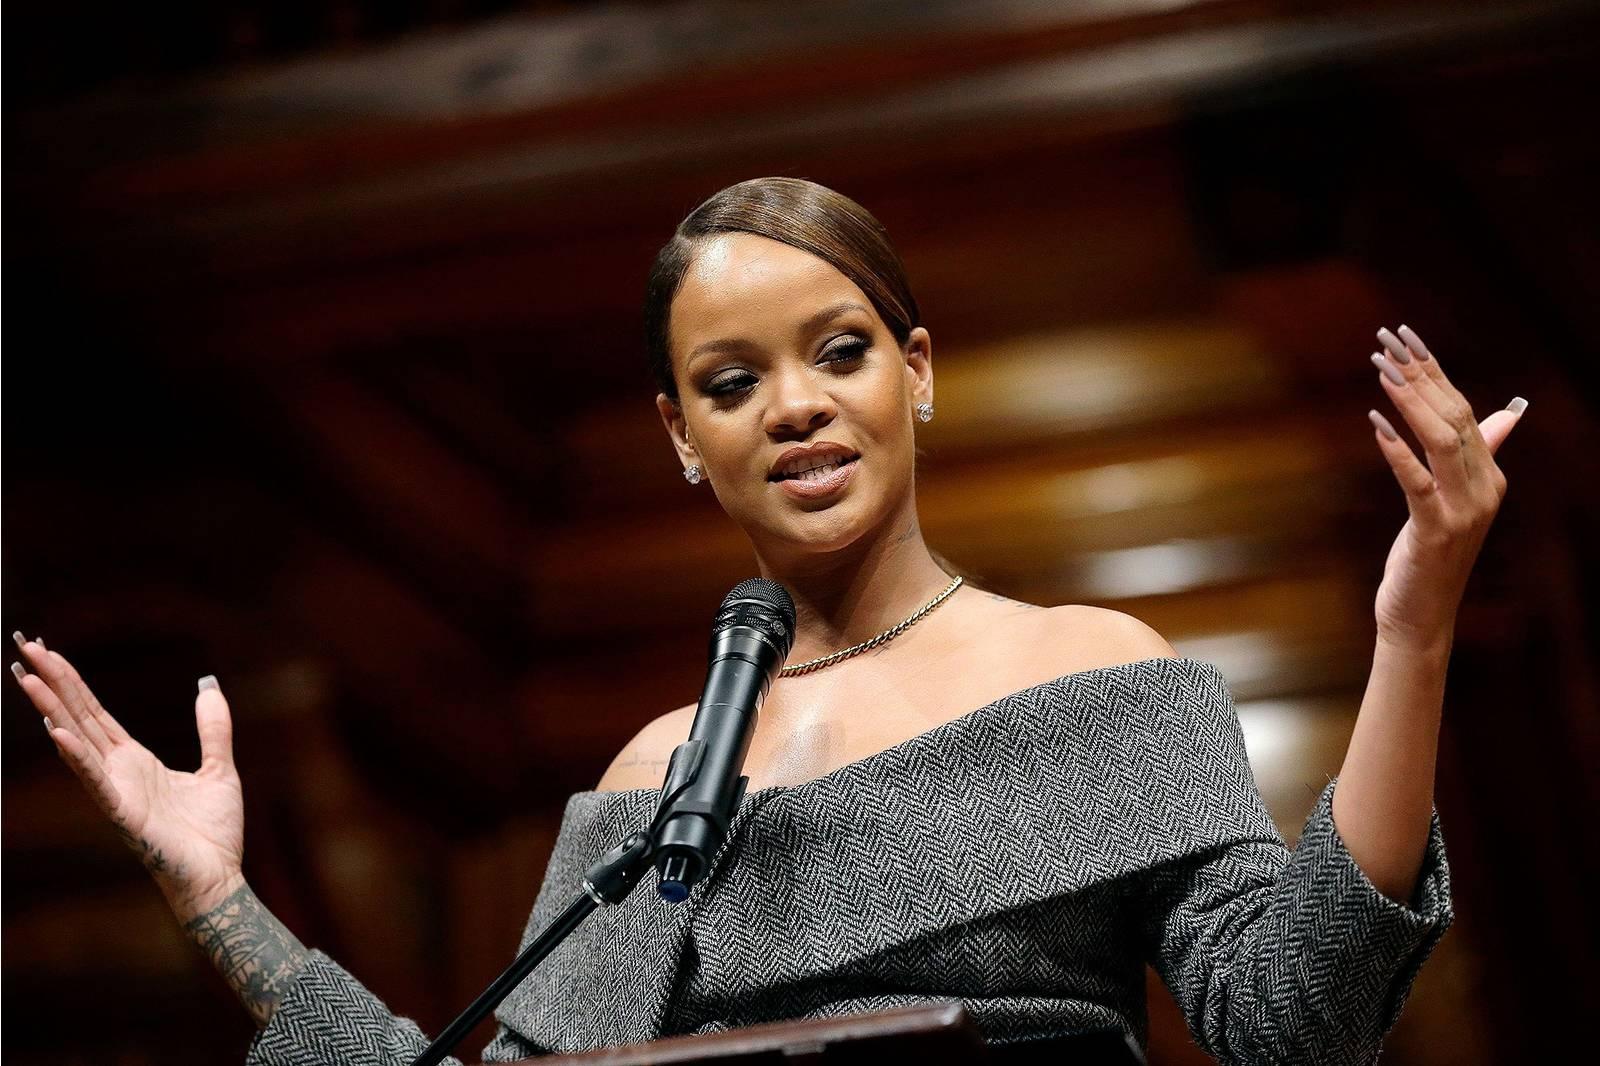 Comment Être Une Femme Éloquente – Les 5 Piliers Pour Maîtriser Le Charisme Verbal